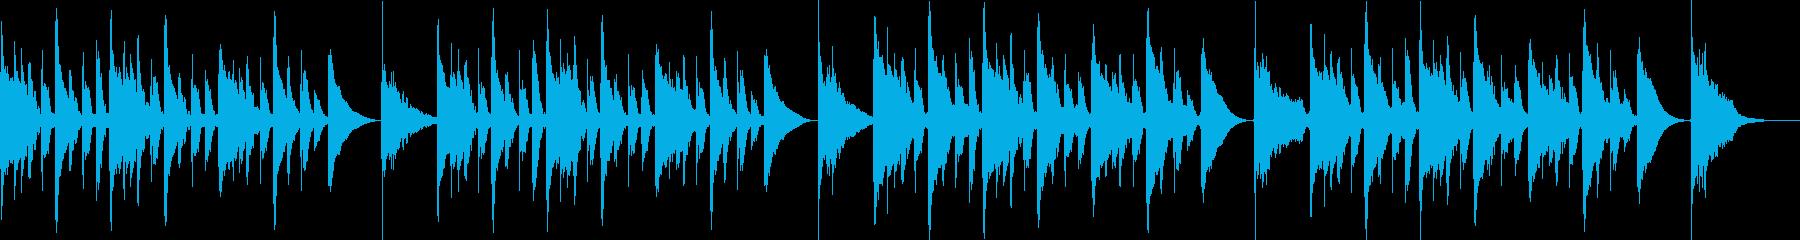 可愛い・バカ・日常、マリンバループBGMの再生済みの波形